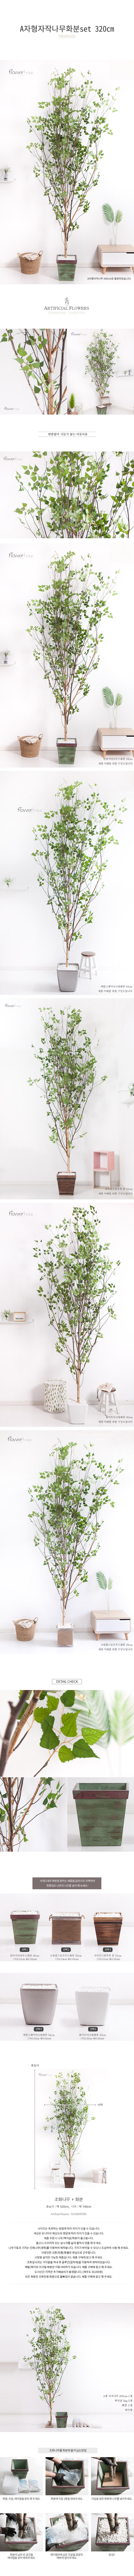 A형자작나무화분set 320cm K [조화] - 플라워트리, 333,000원, 조화, 인조목